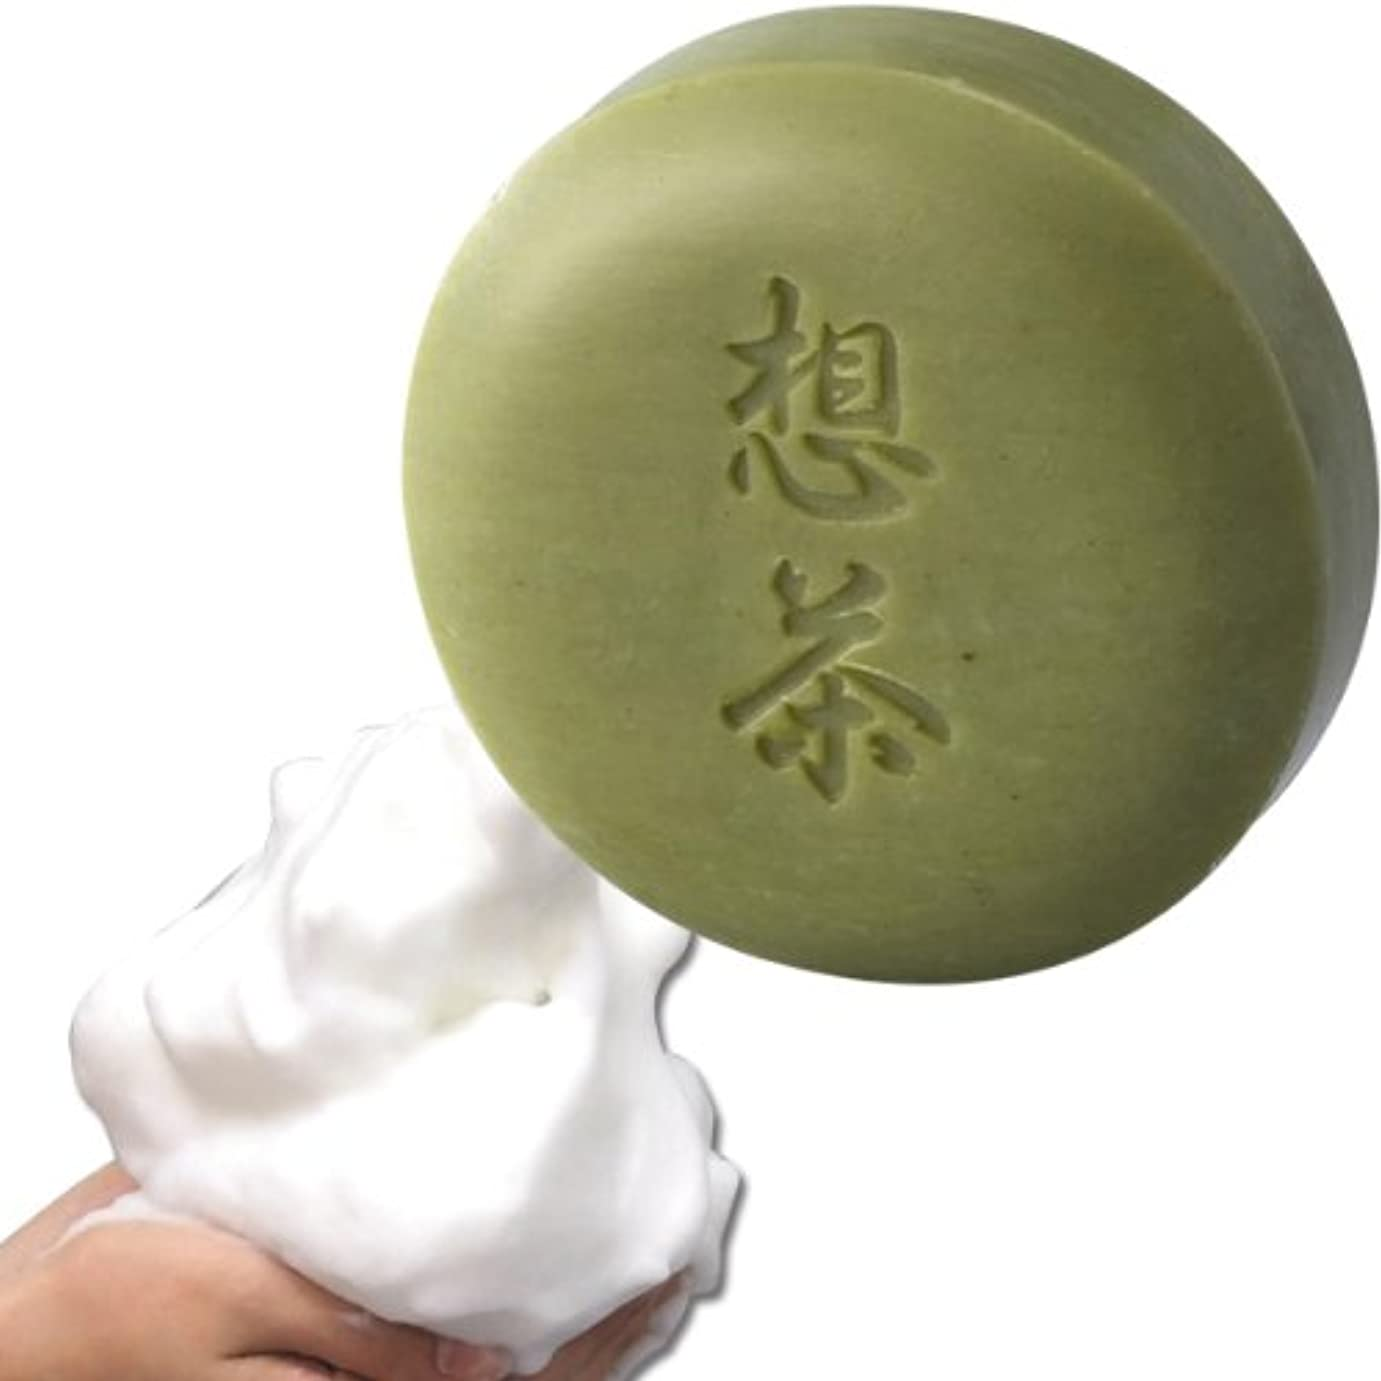 松サバント構造想茶石鹸 100g(お茶屋さんが作ったお茶石鹸)